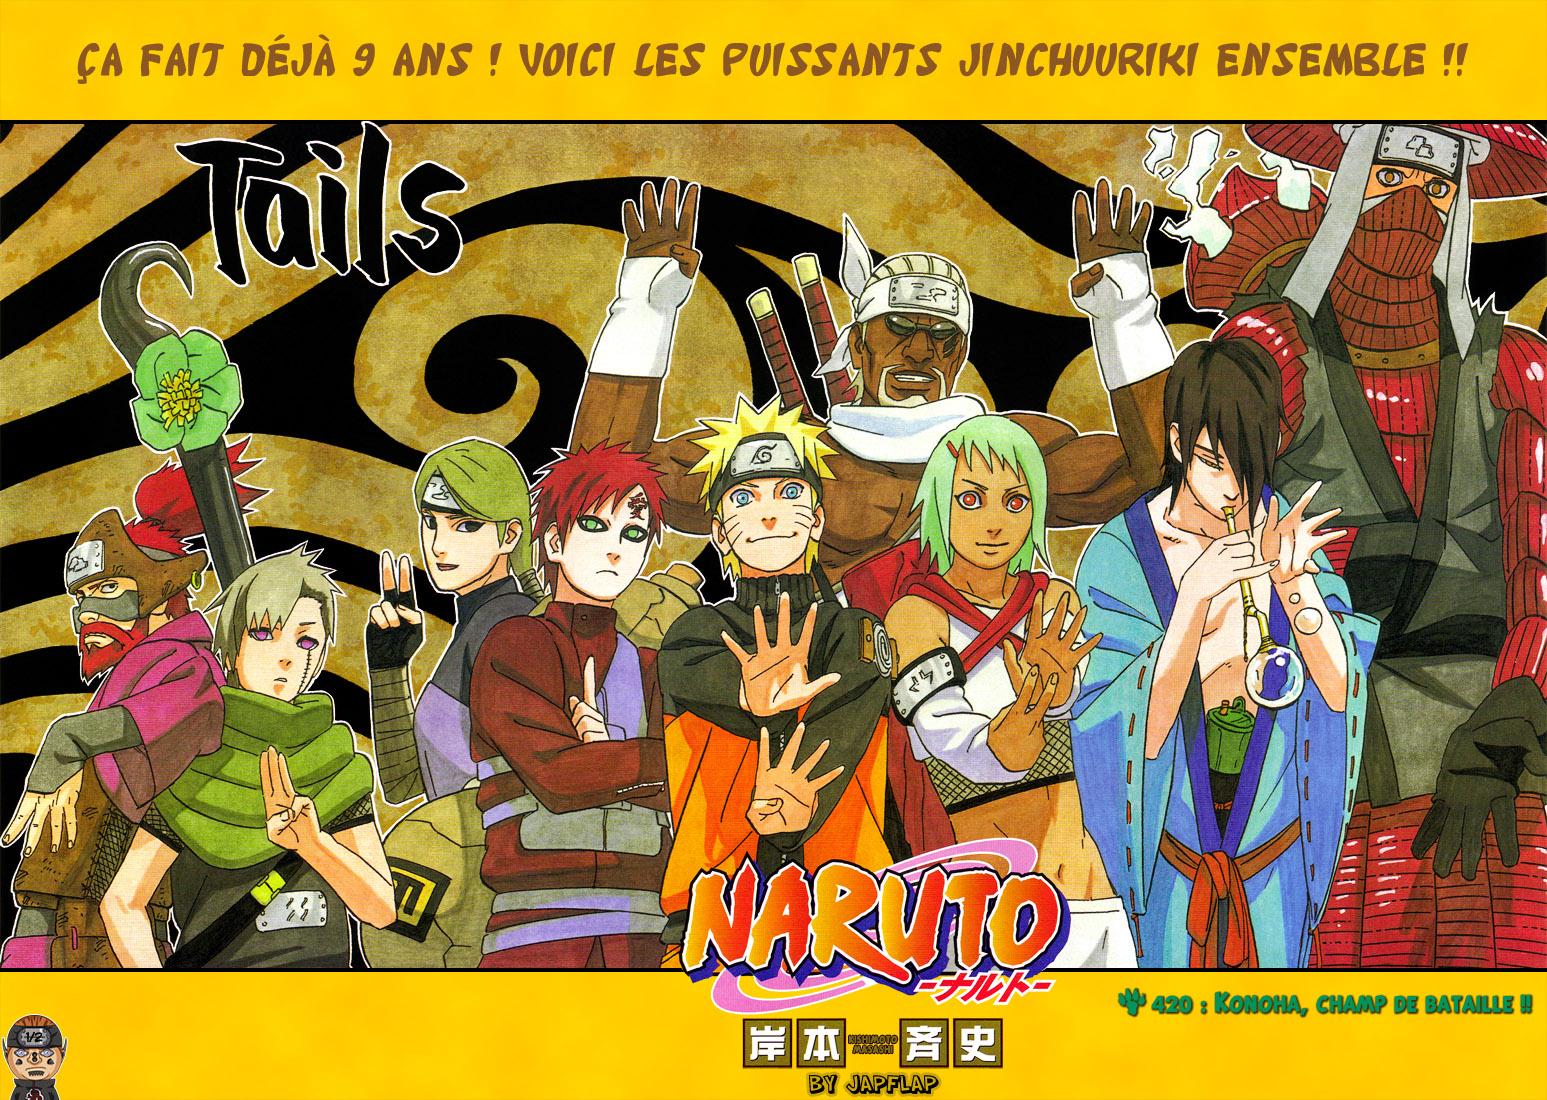 Naruto chapitre 420 - Page 1